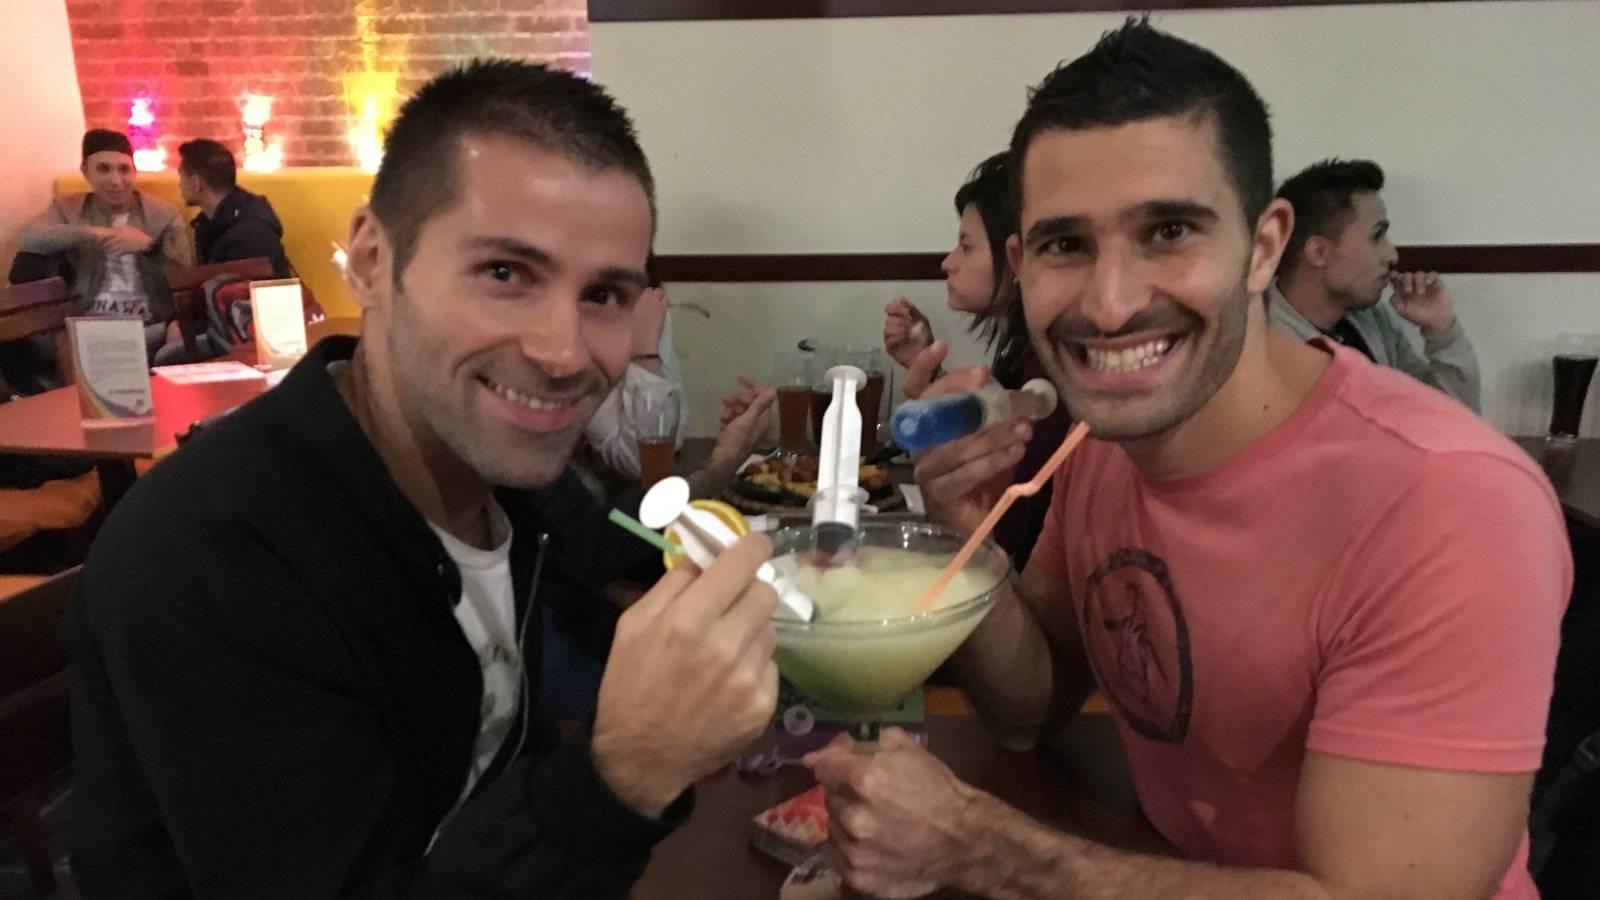 One of the crazy margaritas at gay bar El Recreo de Adan in Bogota.